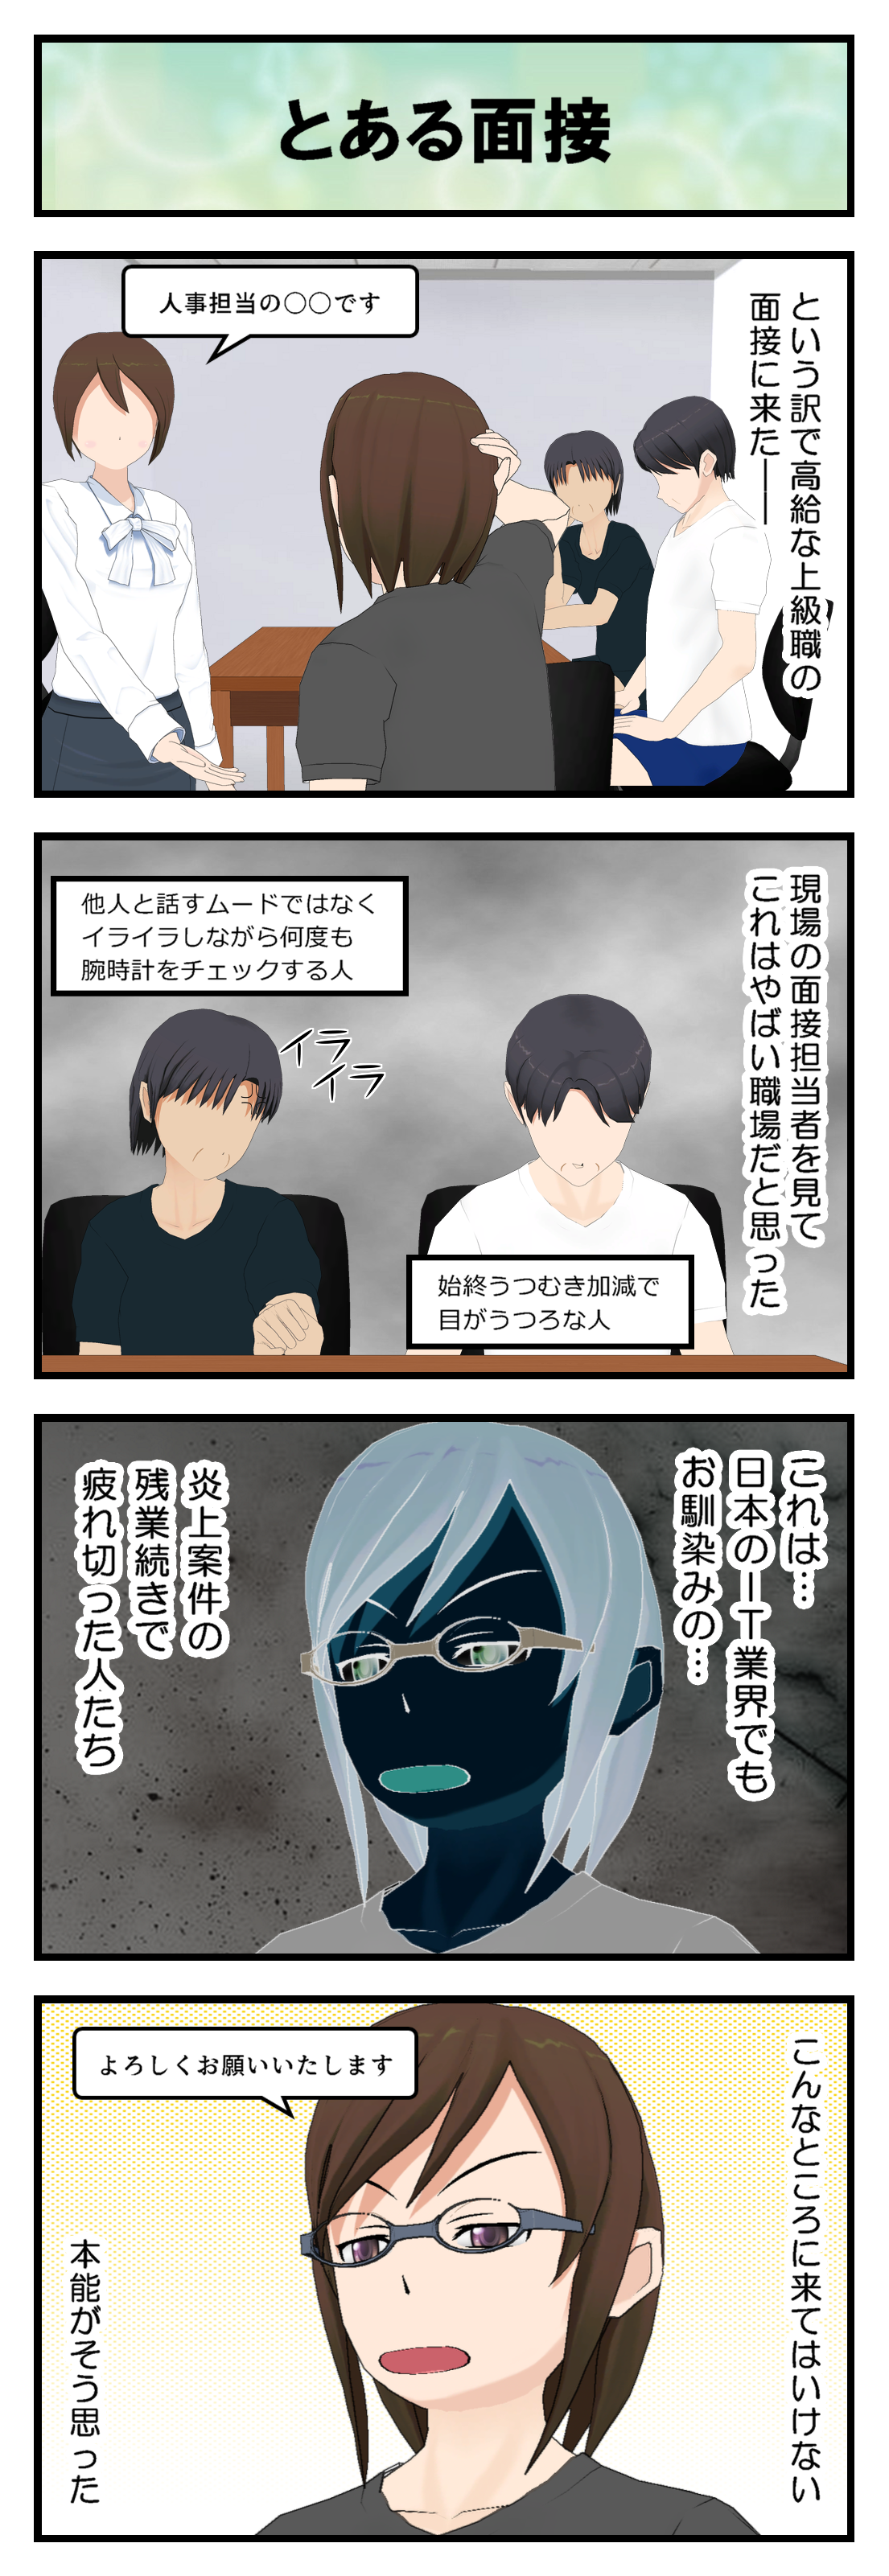 R524_面接_001